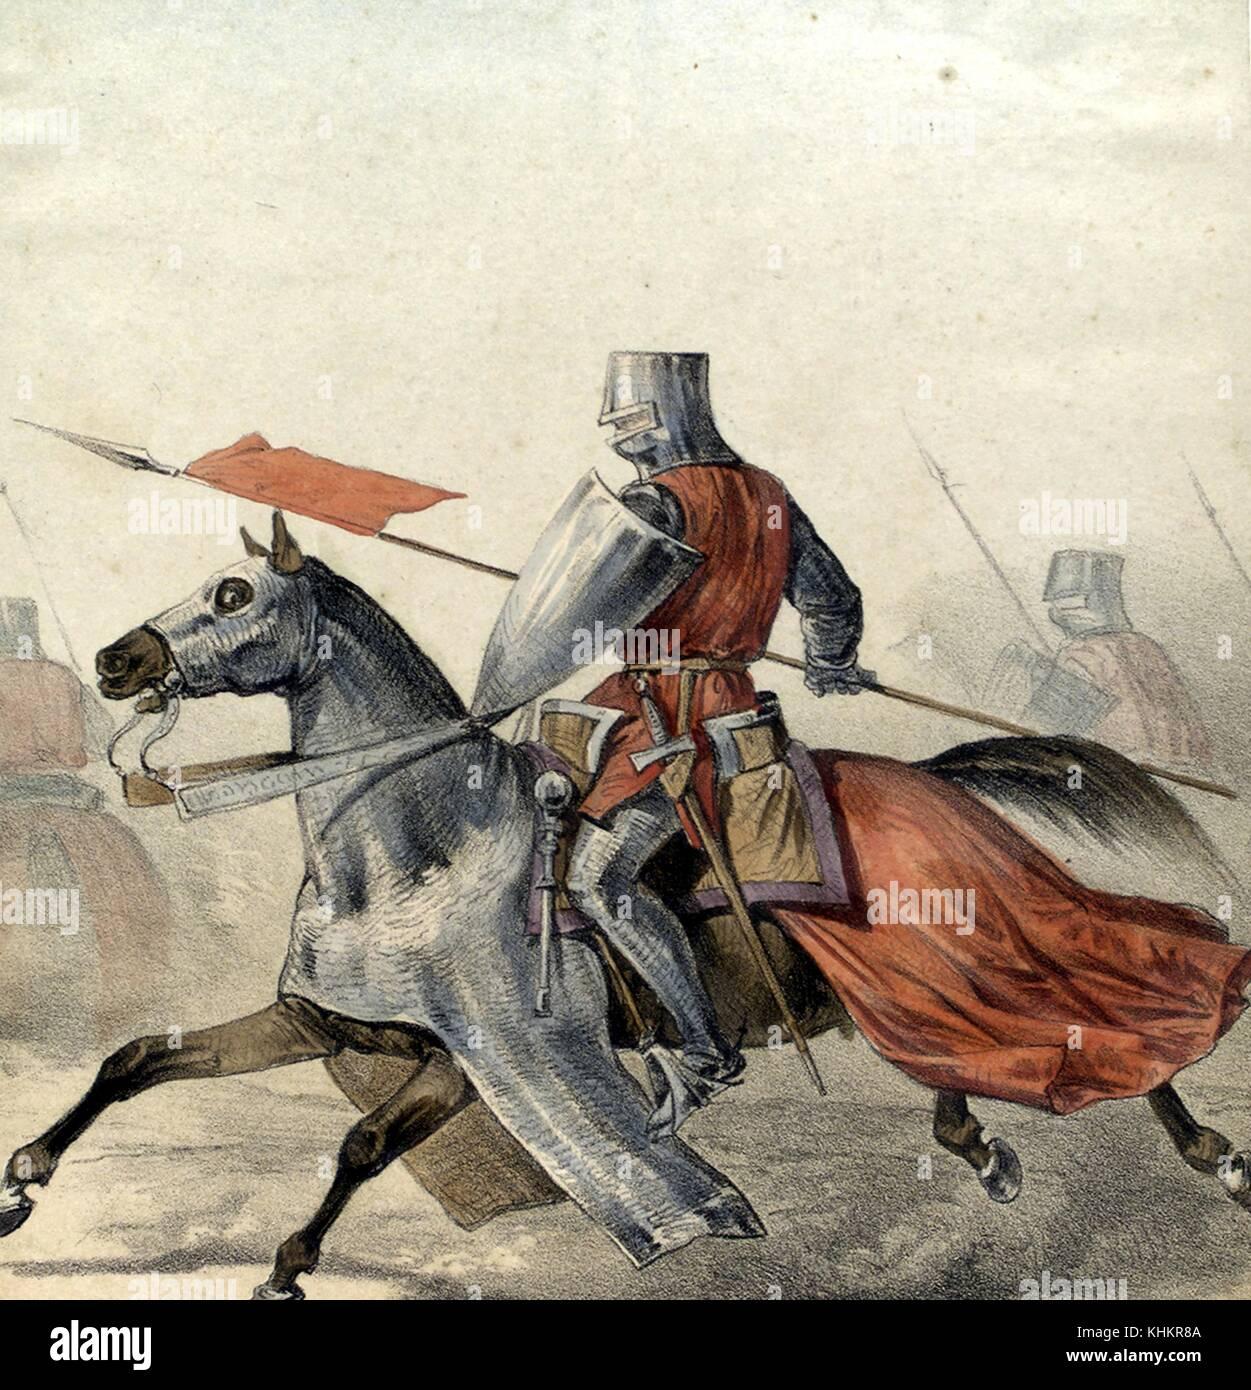 lithographie couleur repr sentant un hombre espagnol de armas homme d 39 armes partir de 1300. Black Bedroom Furniture Sets. Home Design Ideas